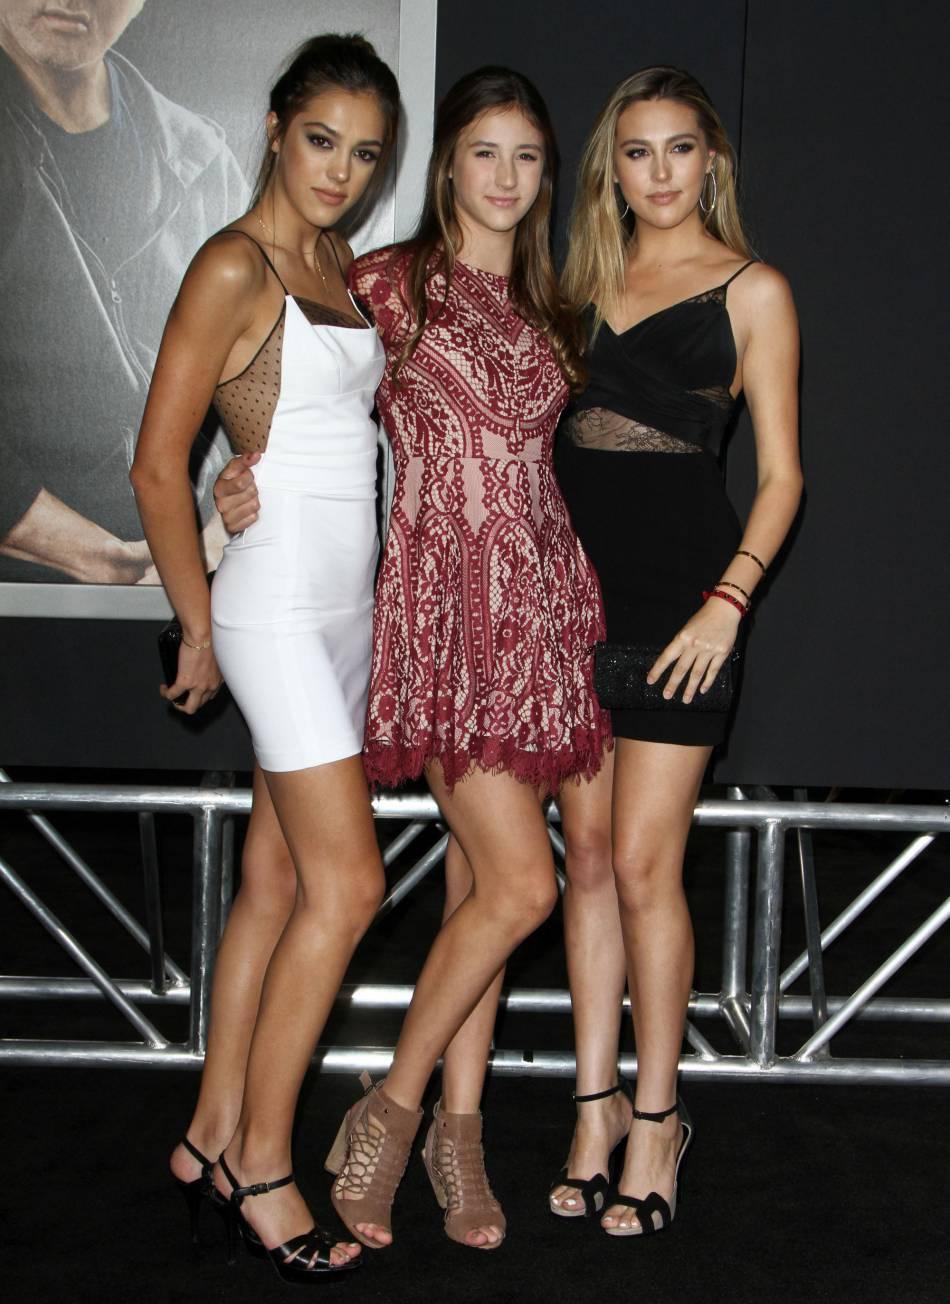 Le top Sistine Stallone âgée de 18 ans et ses soeurs, Sophia et Scarlet.